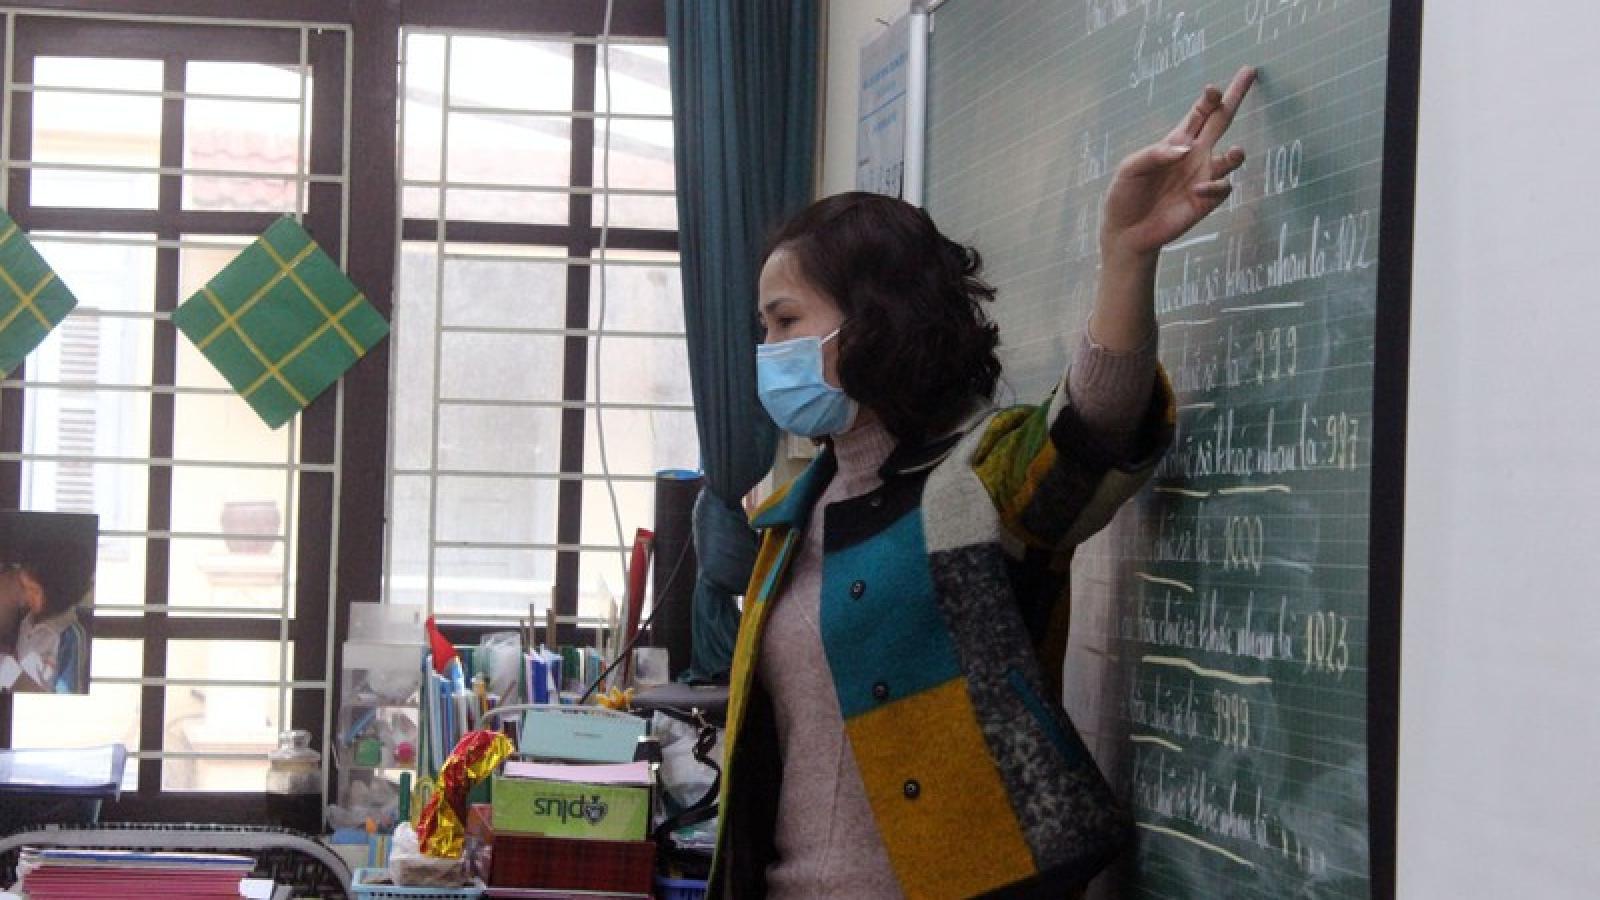 Giáo viên không đạt chuẩn sẽ bị điều chuyển, không được đứng lớp